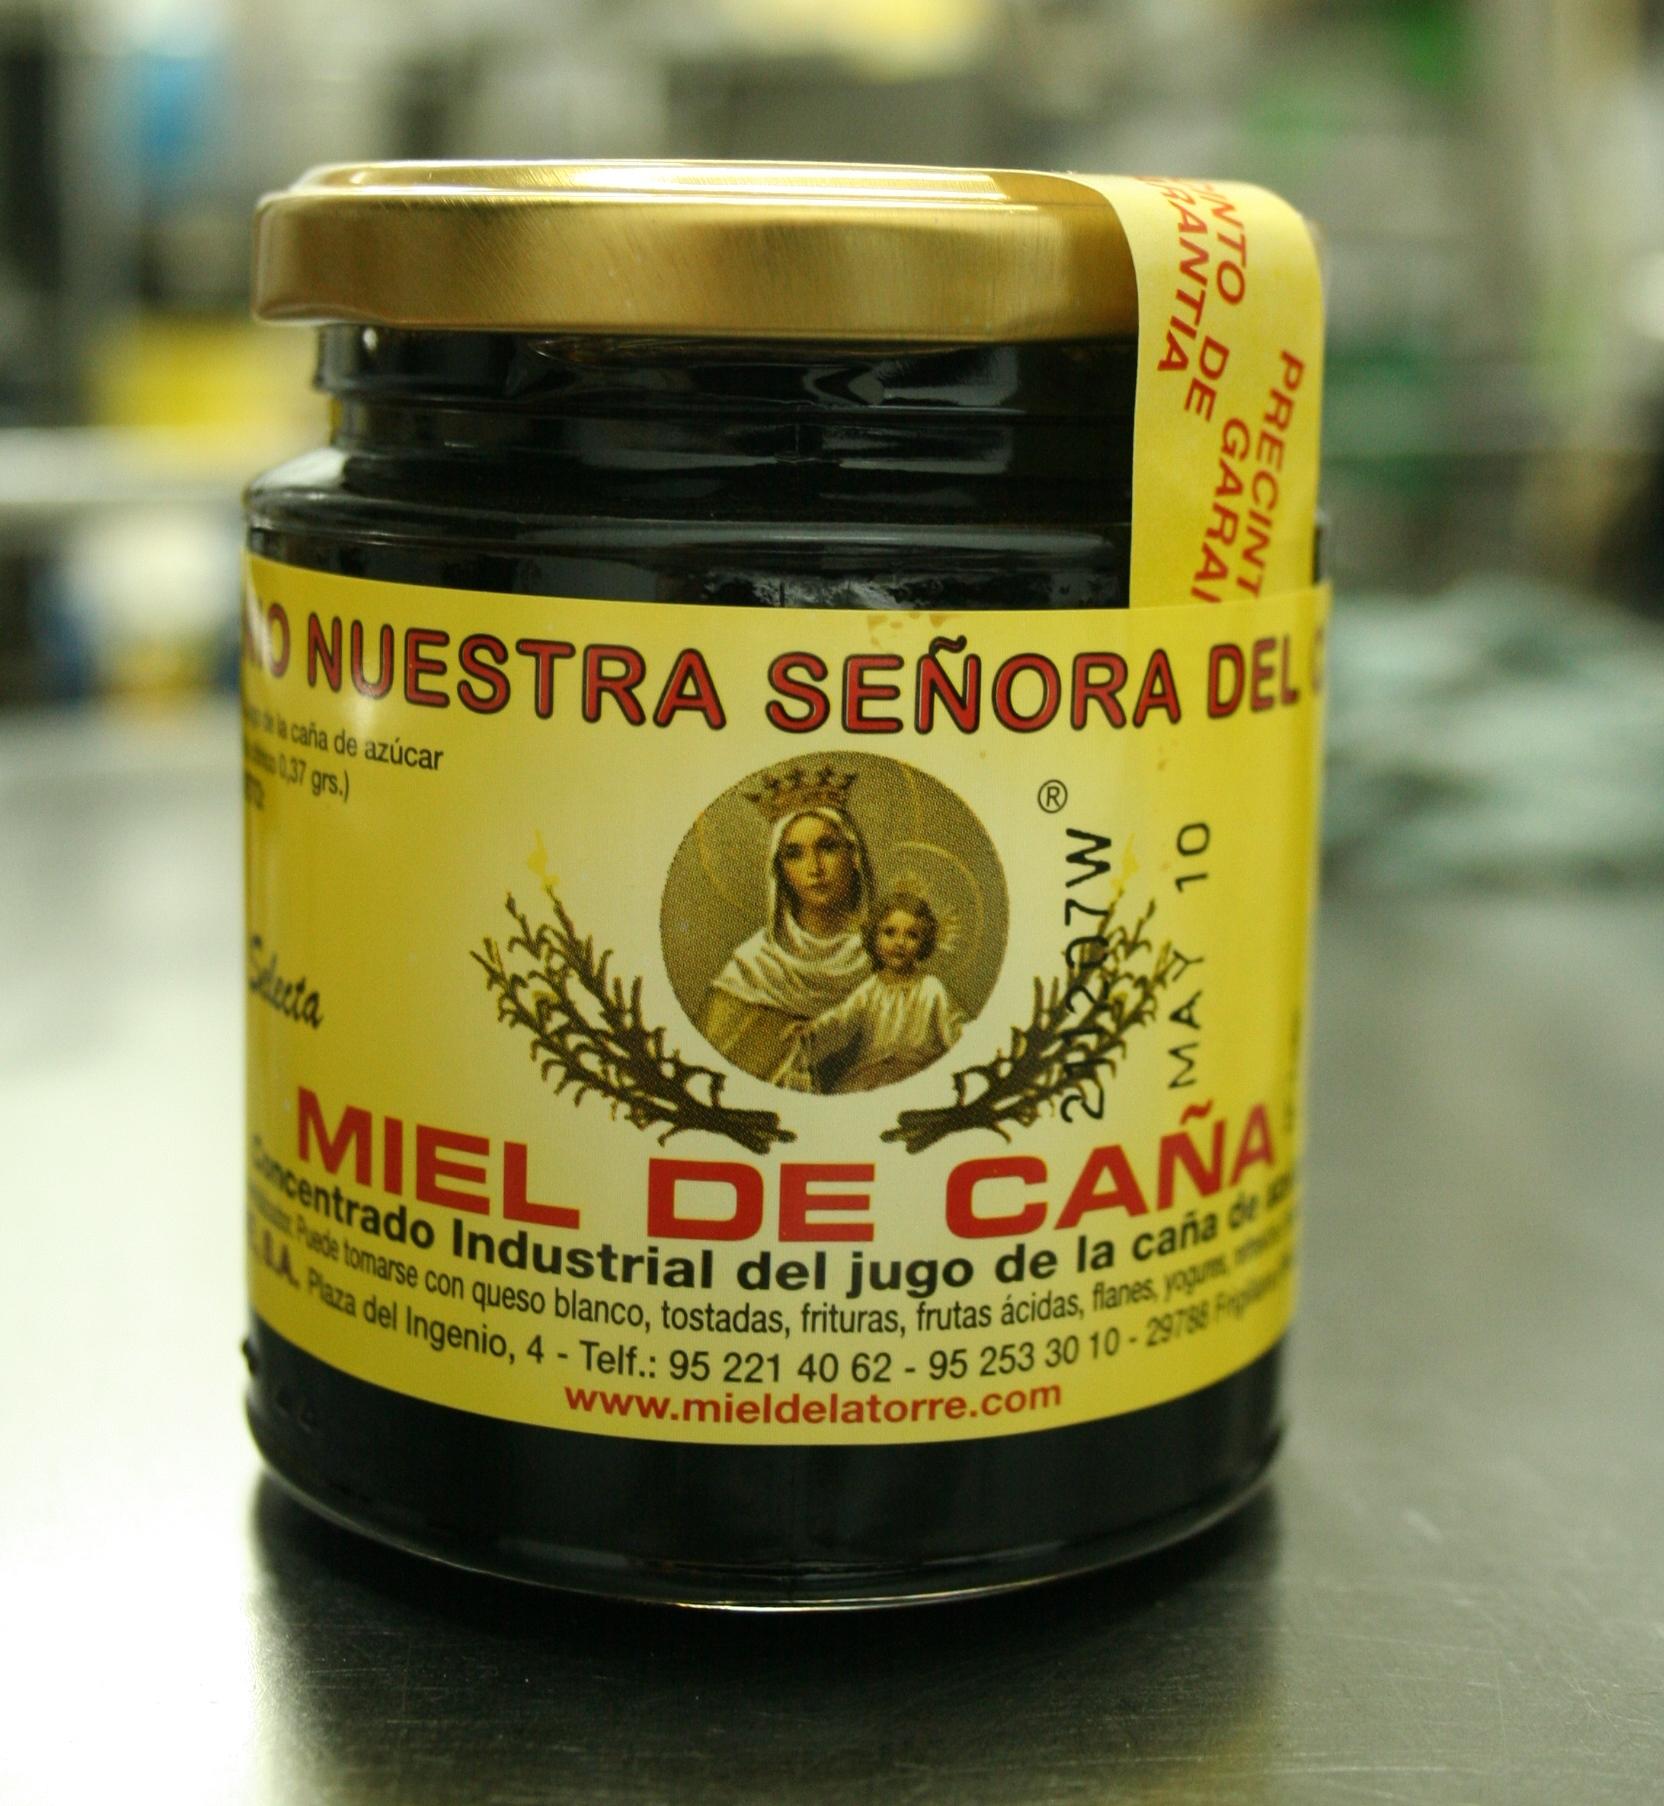 miel de caña1